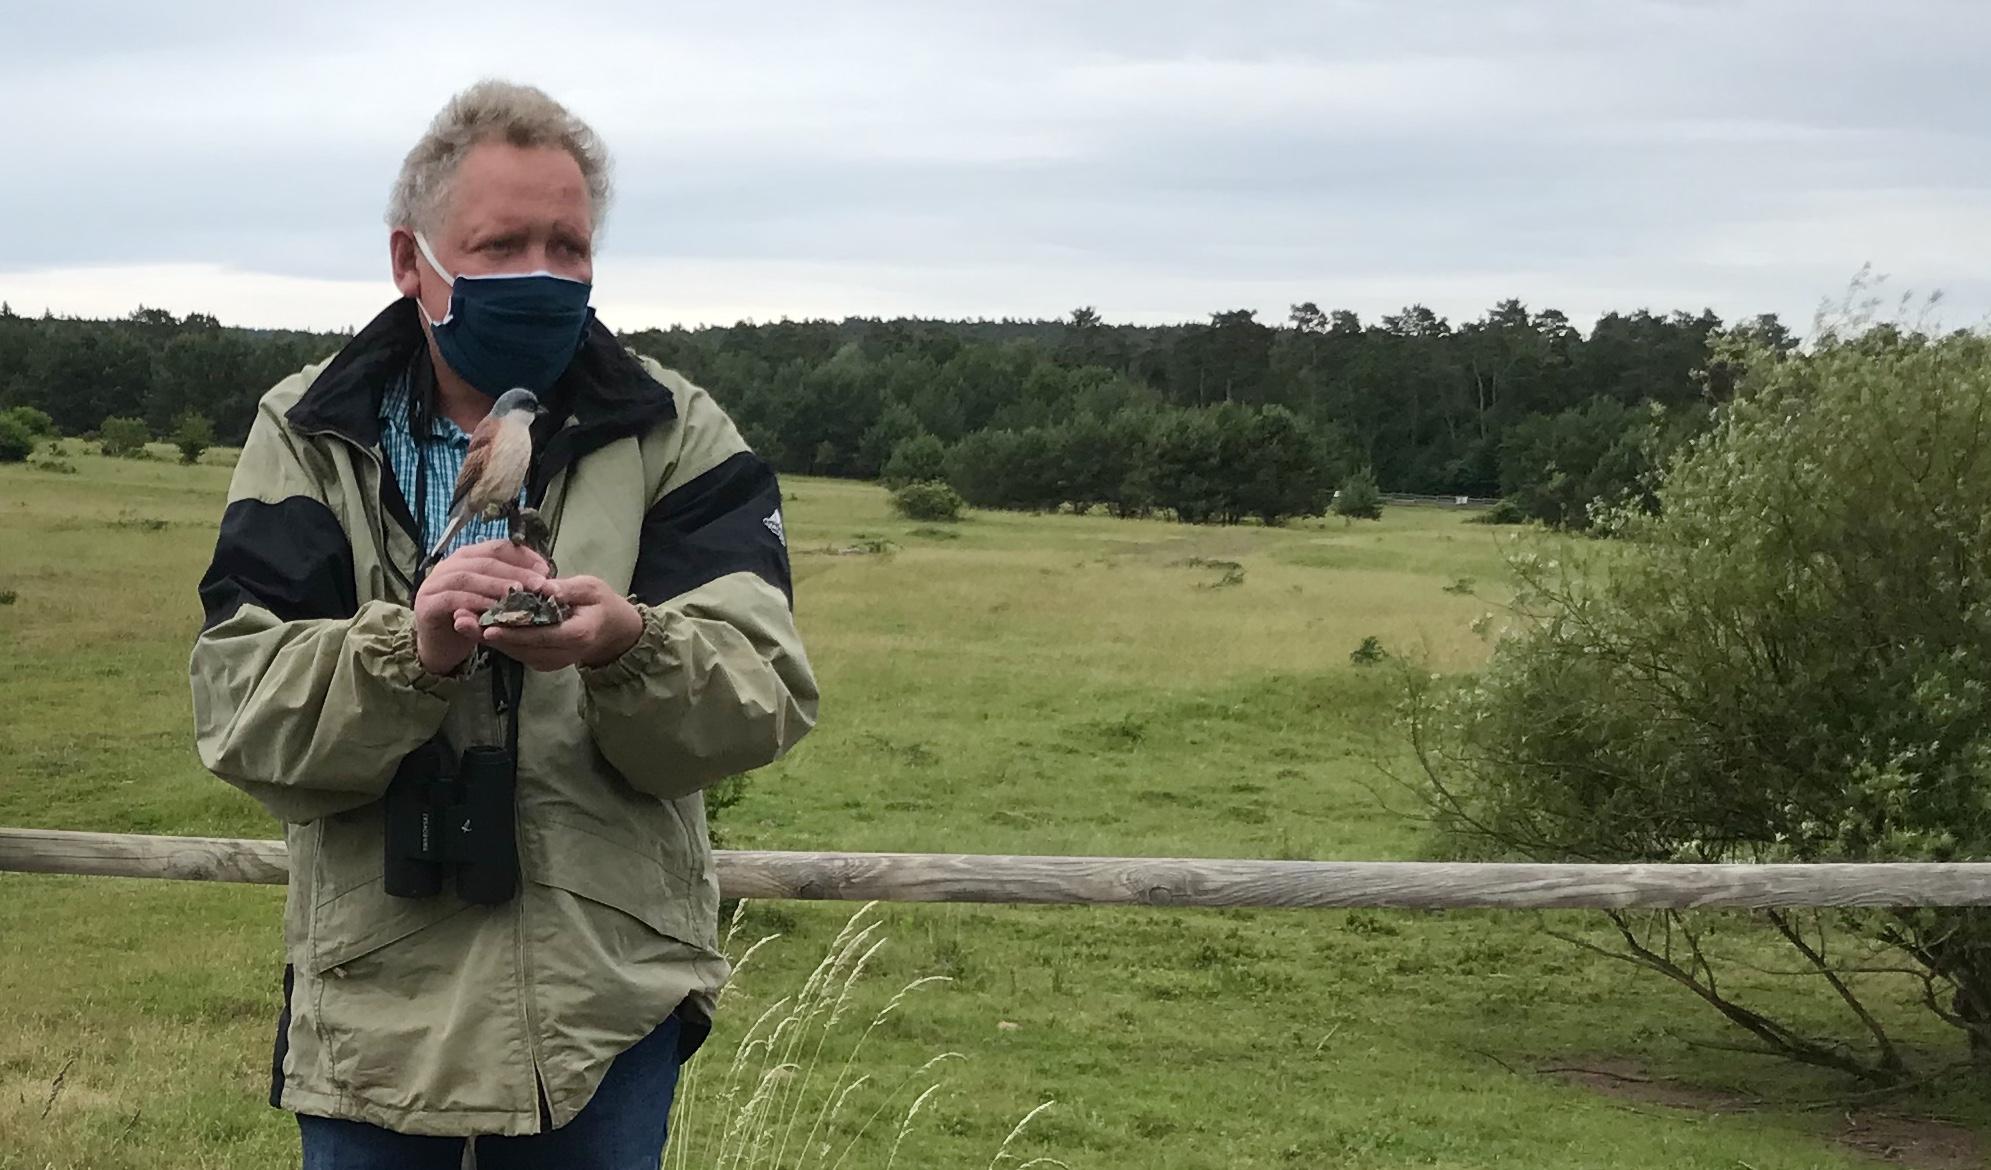 Auch der Referent trägt Maske: Roland Mayer mit Neuntöter-Modell